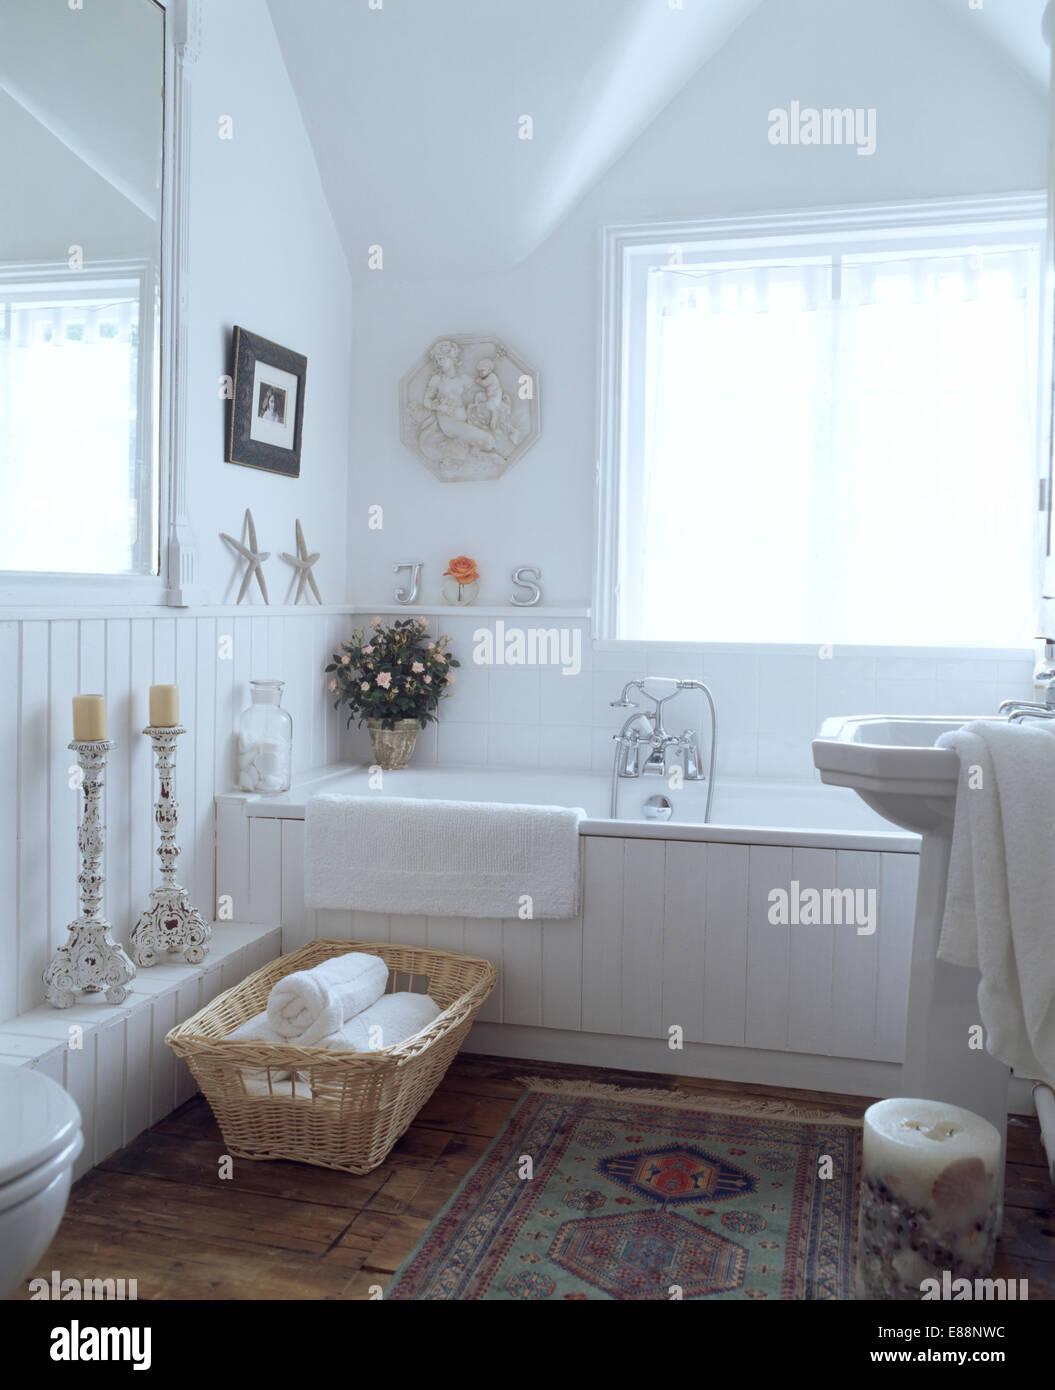 Korb mit Handtuch neben weiß verkleidete Bad im weißen Land ...